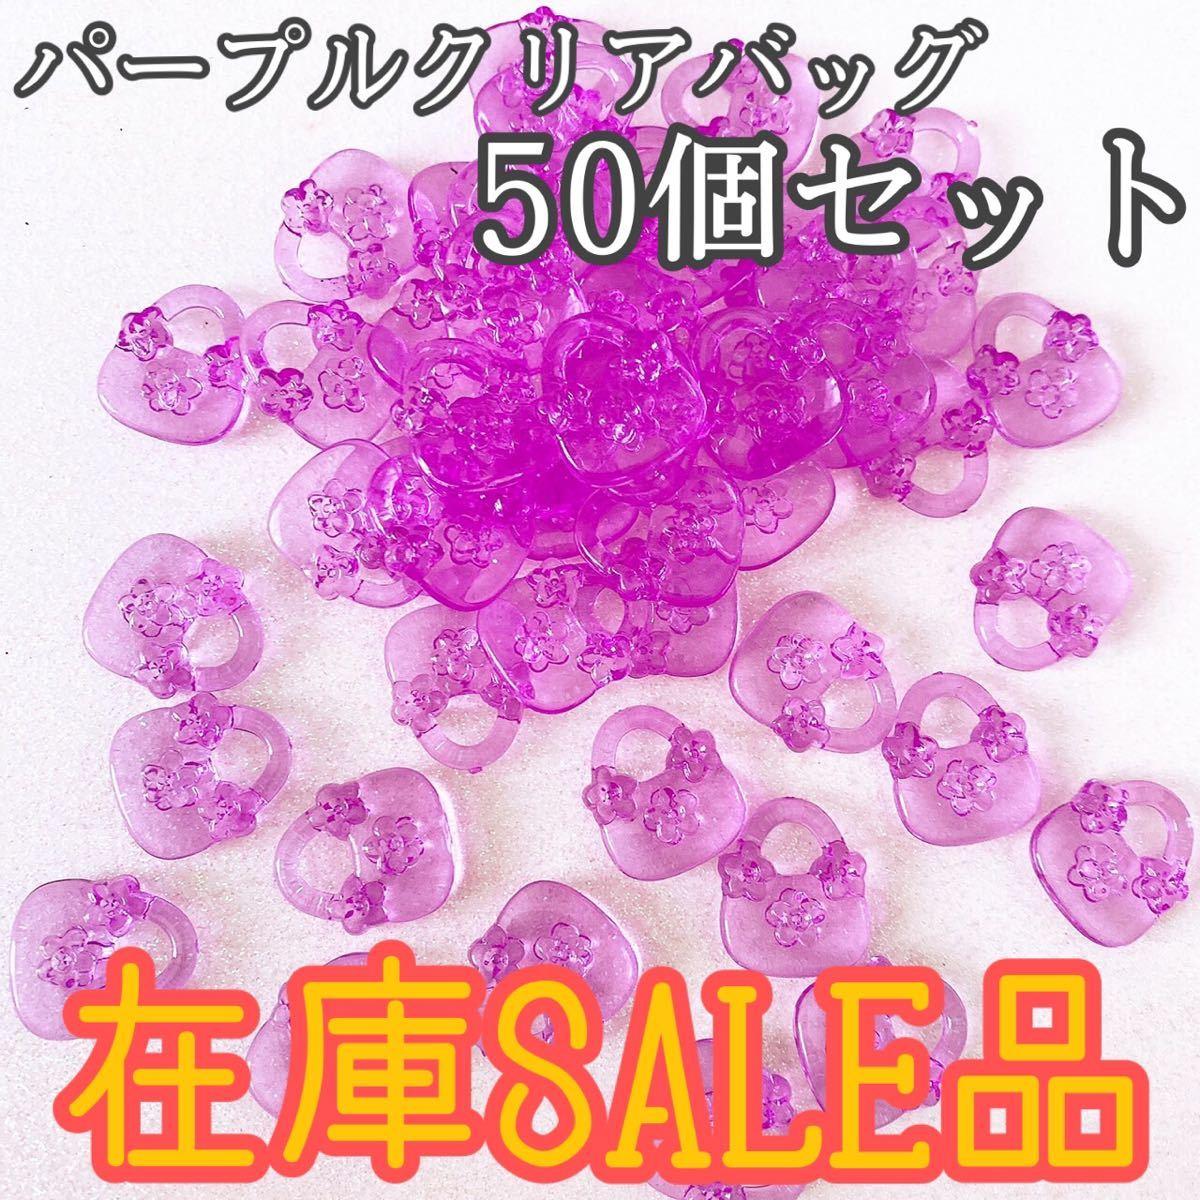 デコパーツ パープルクリアバッグ 50個セット まとめ売り 在庫SALE品